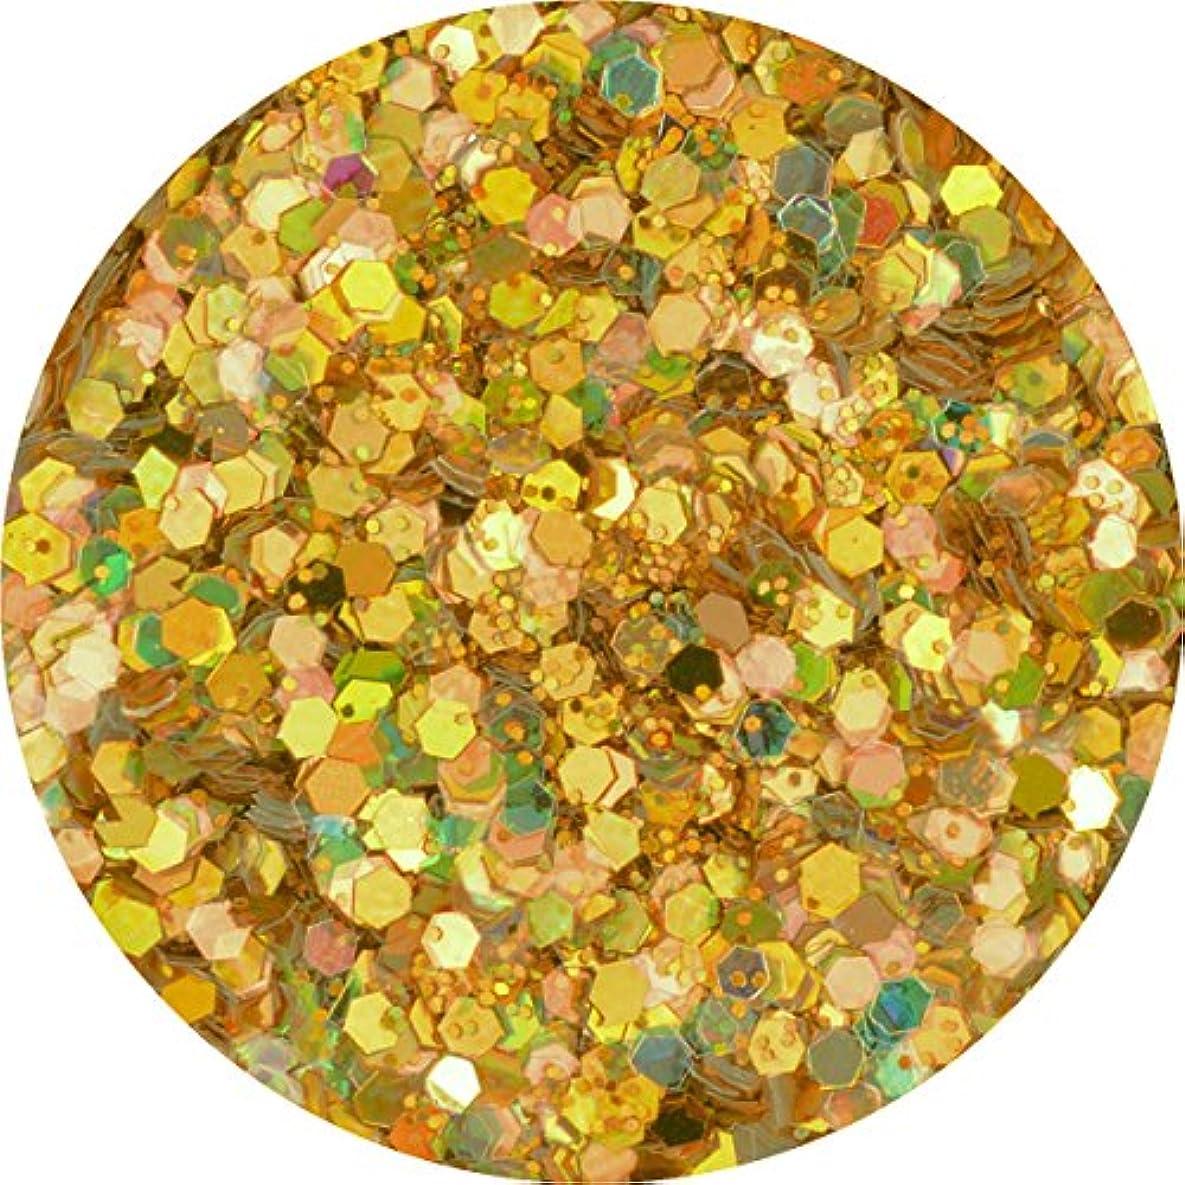 土器重なるカートンラメホロ ミックス [ラメ&ホログラム1mm]mix 選べる12色 (11.シャンパン)